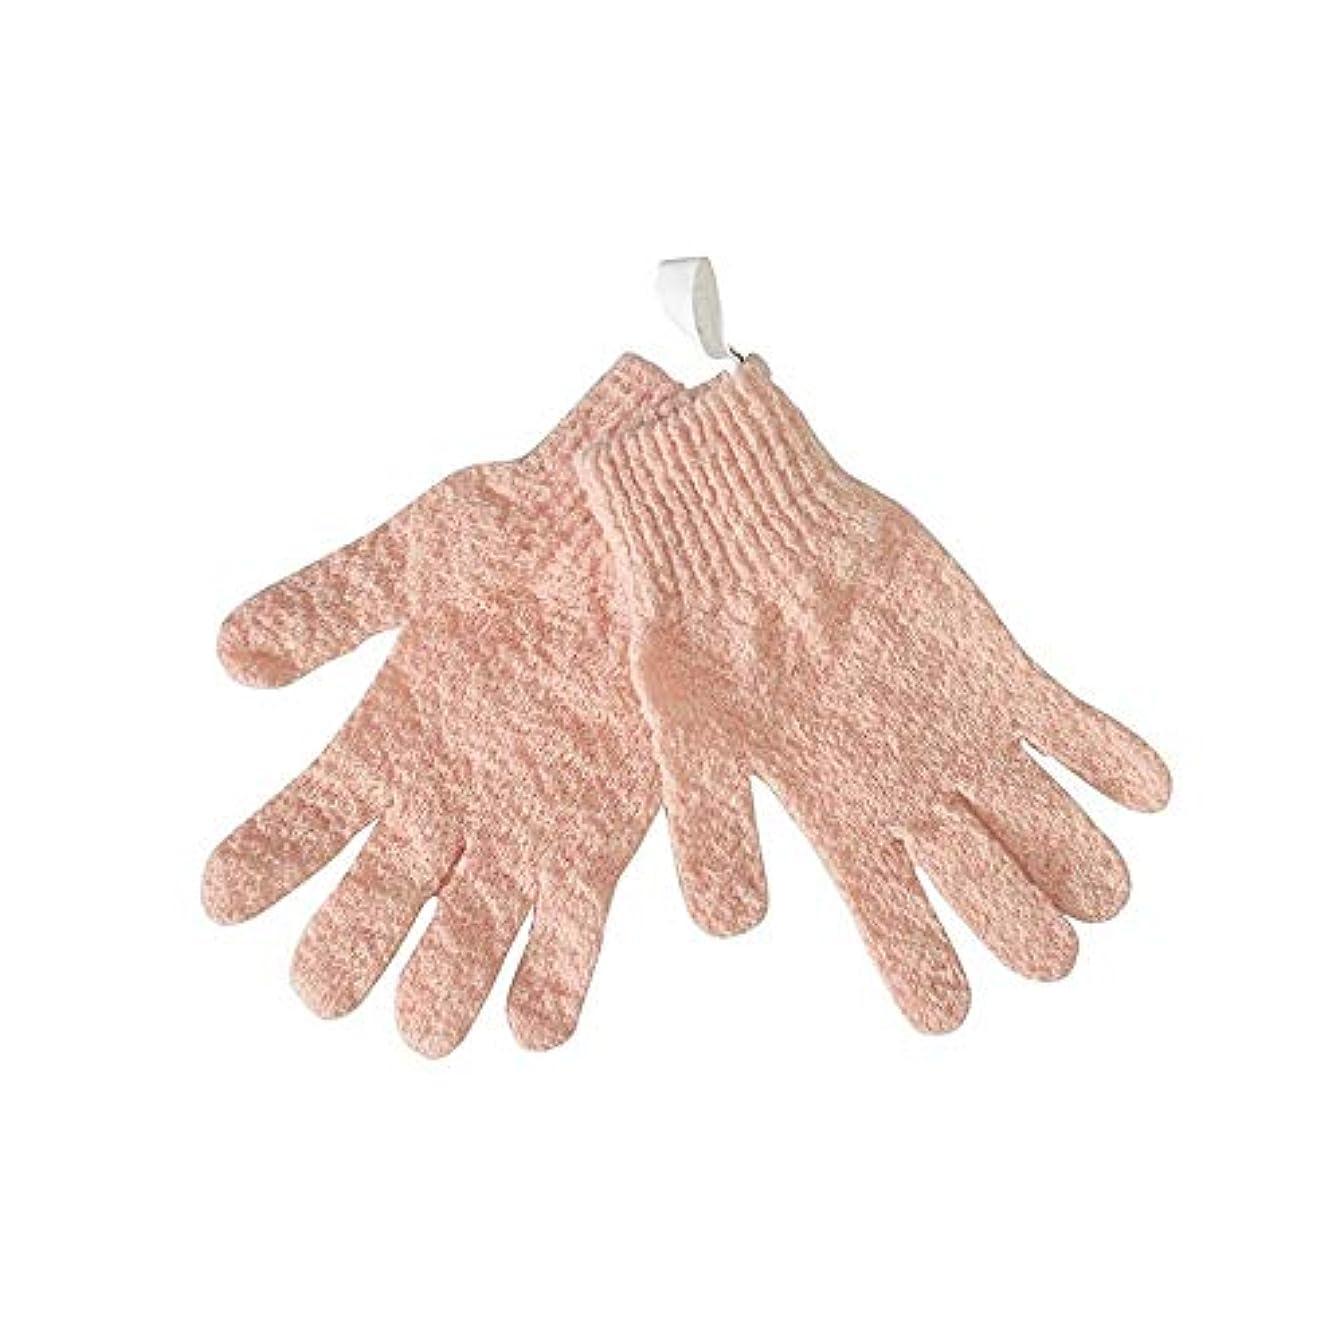 泥棒種をまく方法論BTXXYJP シャワー手袋 お風呂用手袋 あかすり手袋 ボディブラシ ボディタオル やわらか バス用品 男女兼用 角質除去 (Color : Pink)